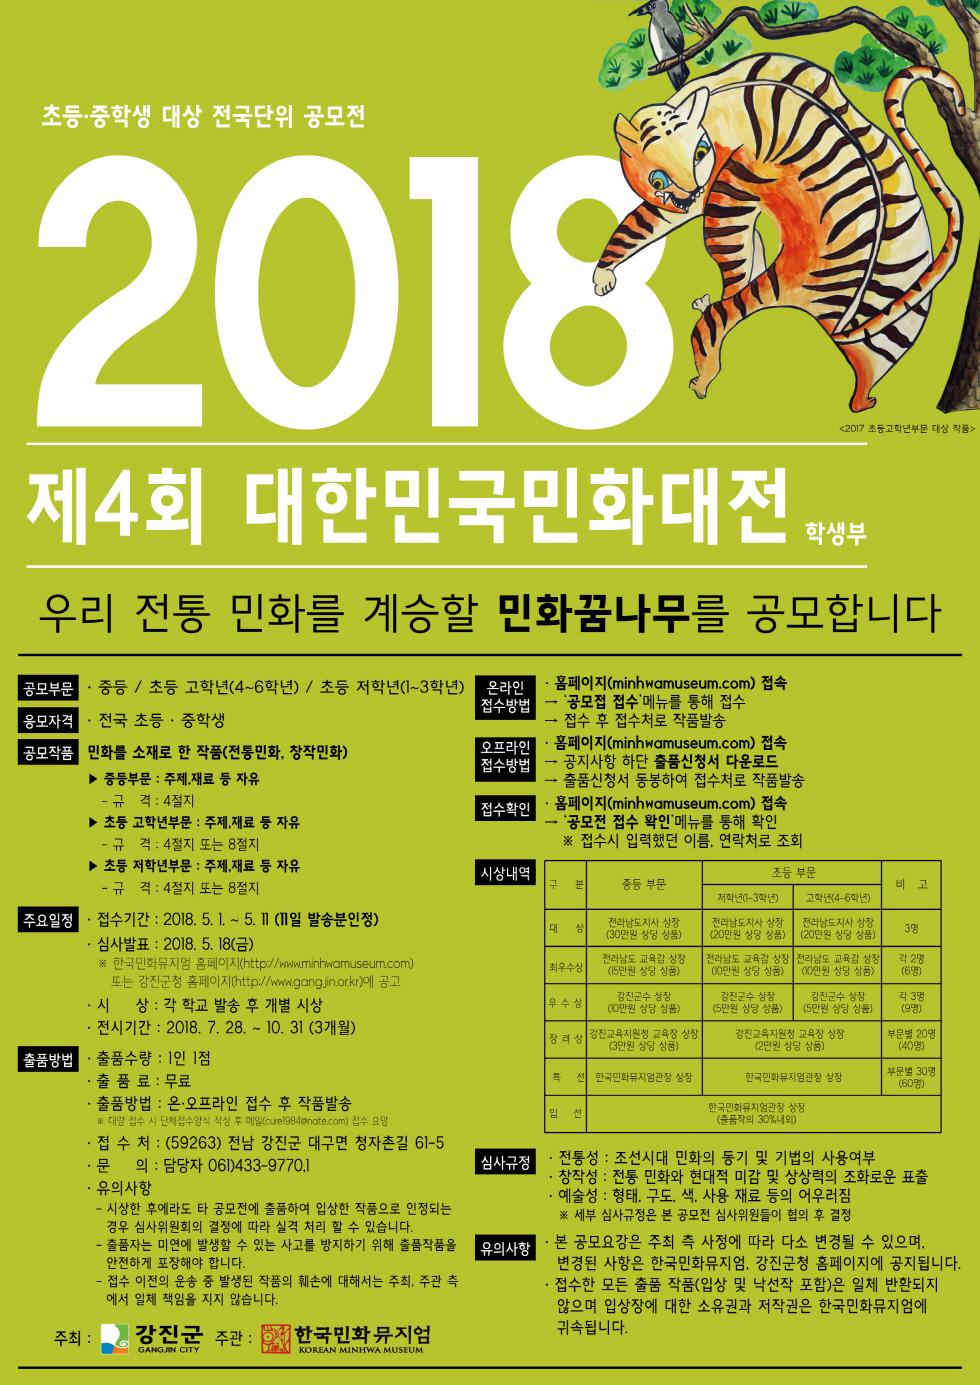 제 4회 대한민국민화대전(학생부)